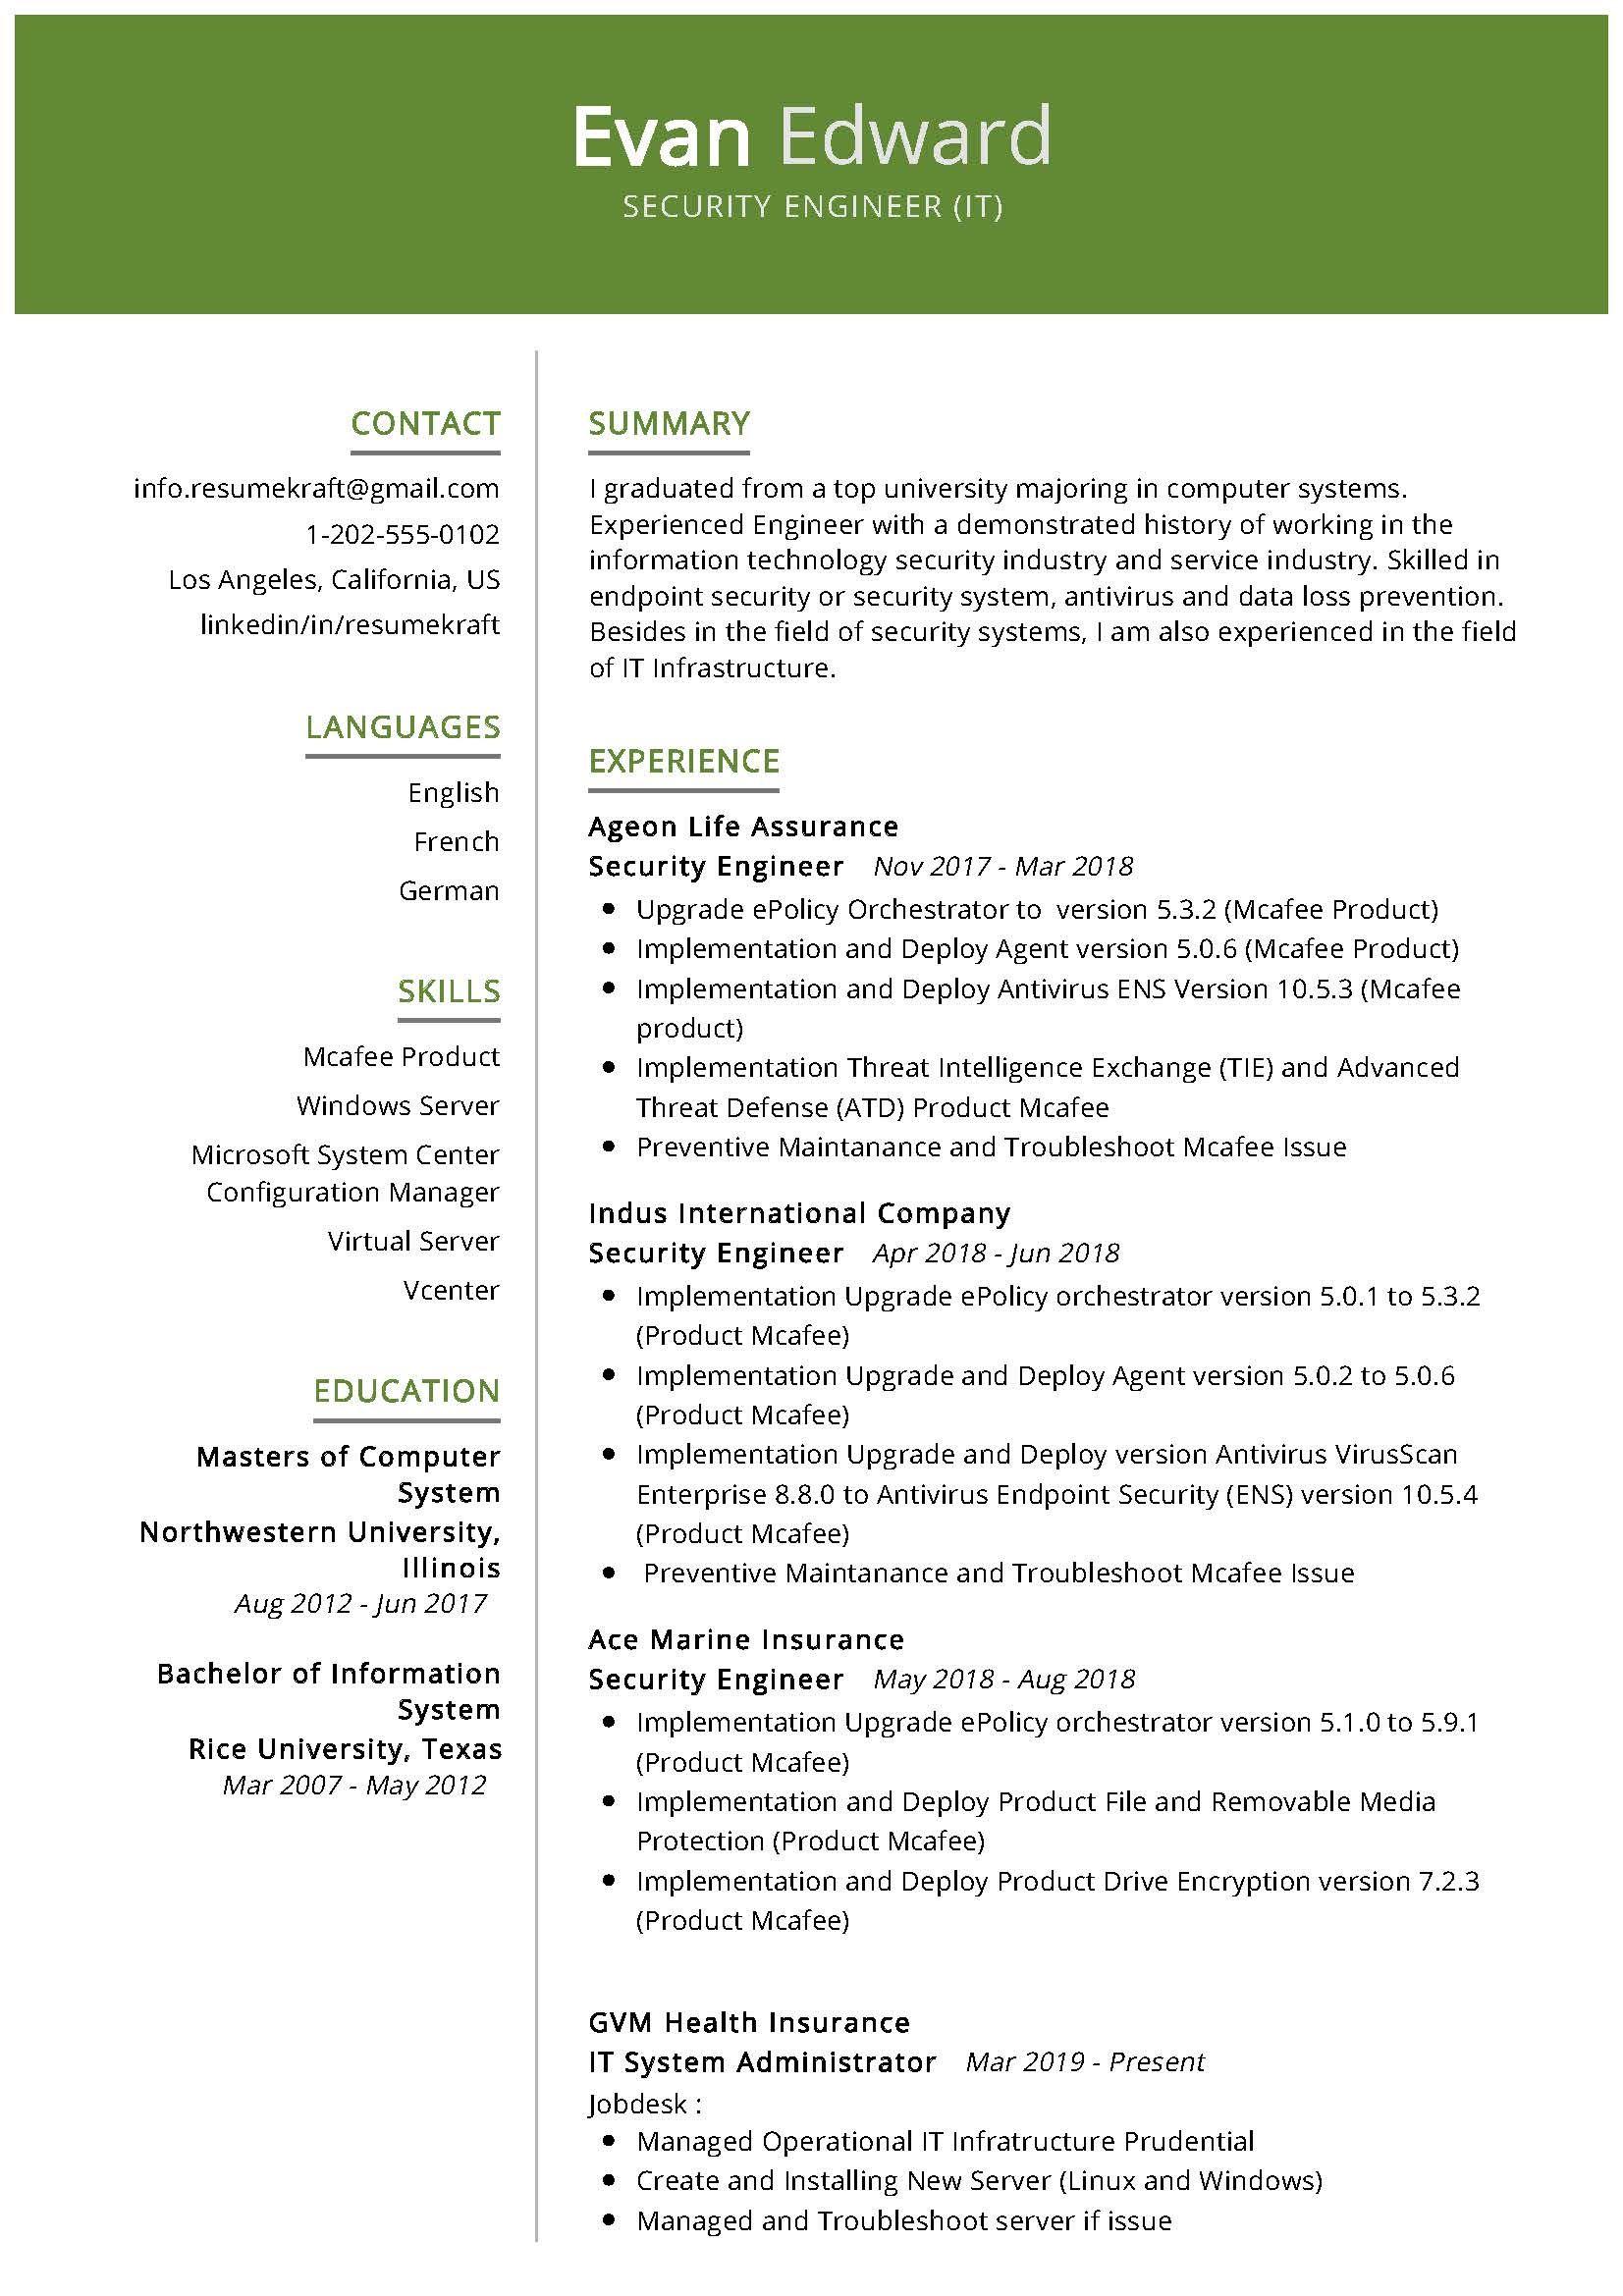 Security Engineer Sample Resume Resume Writing Tips Engineering